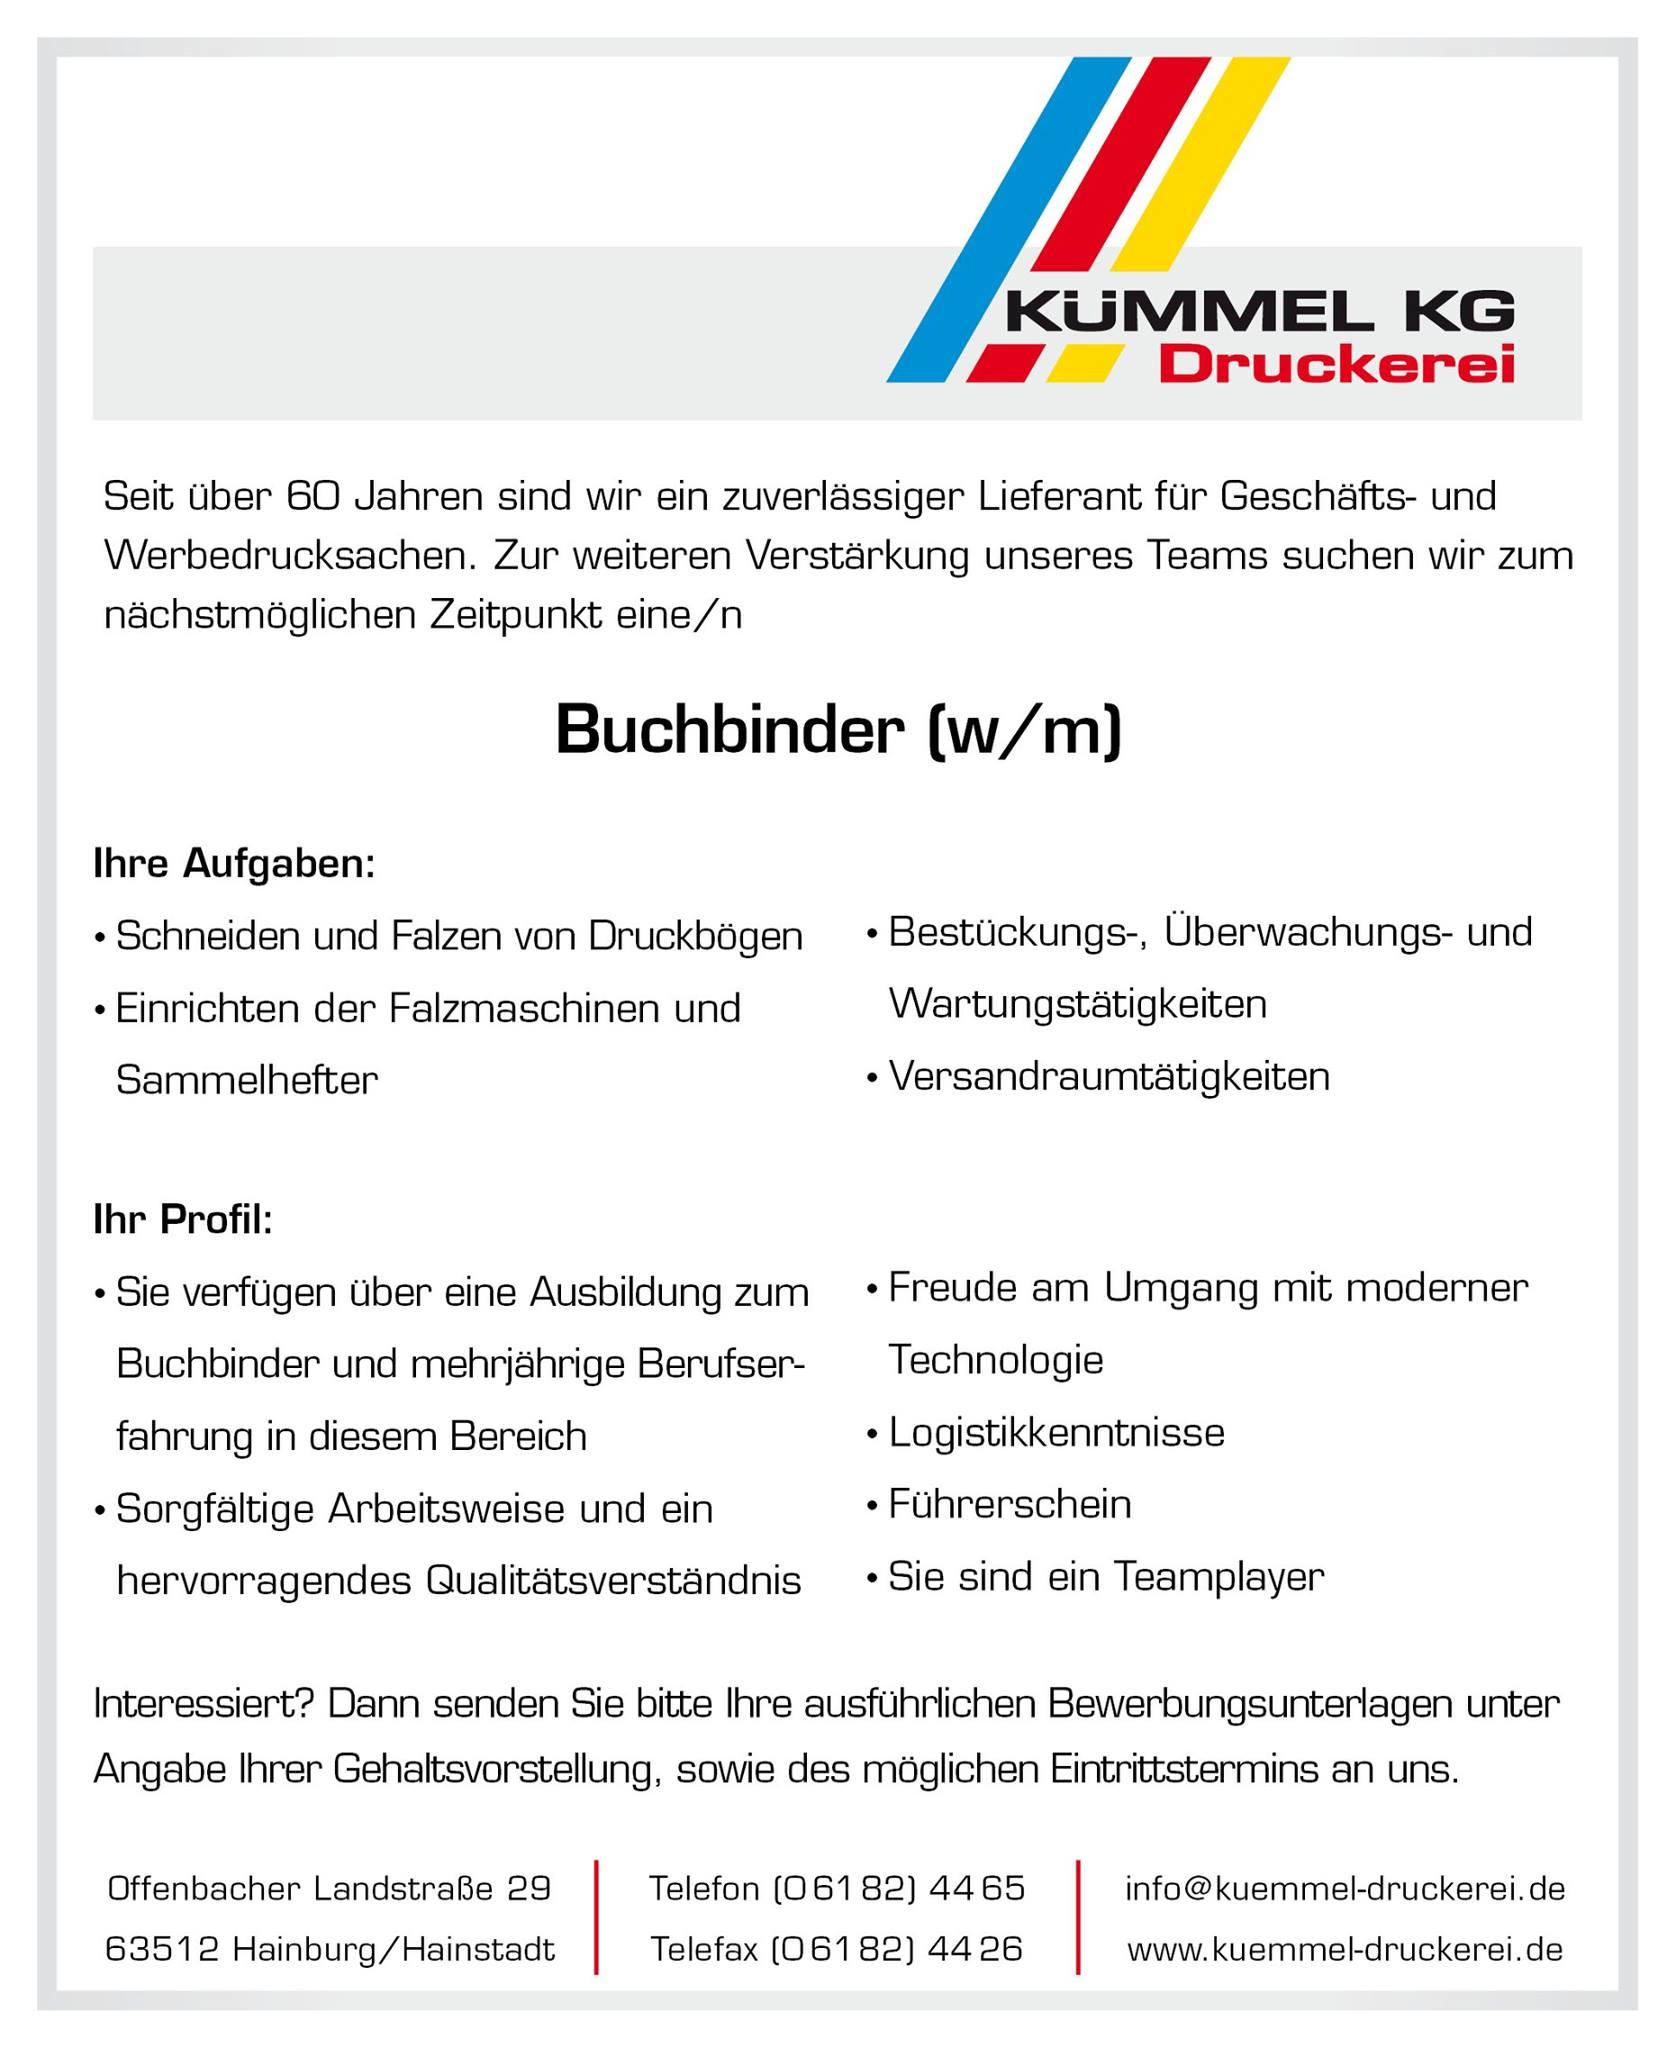 Kümmel KG - Stellengesuch Buchbinder